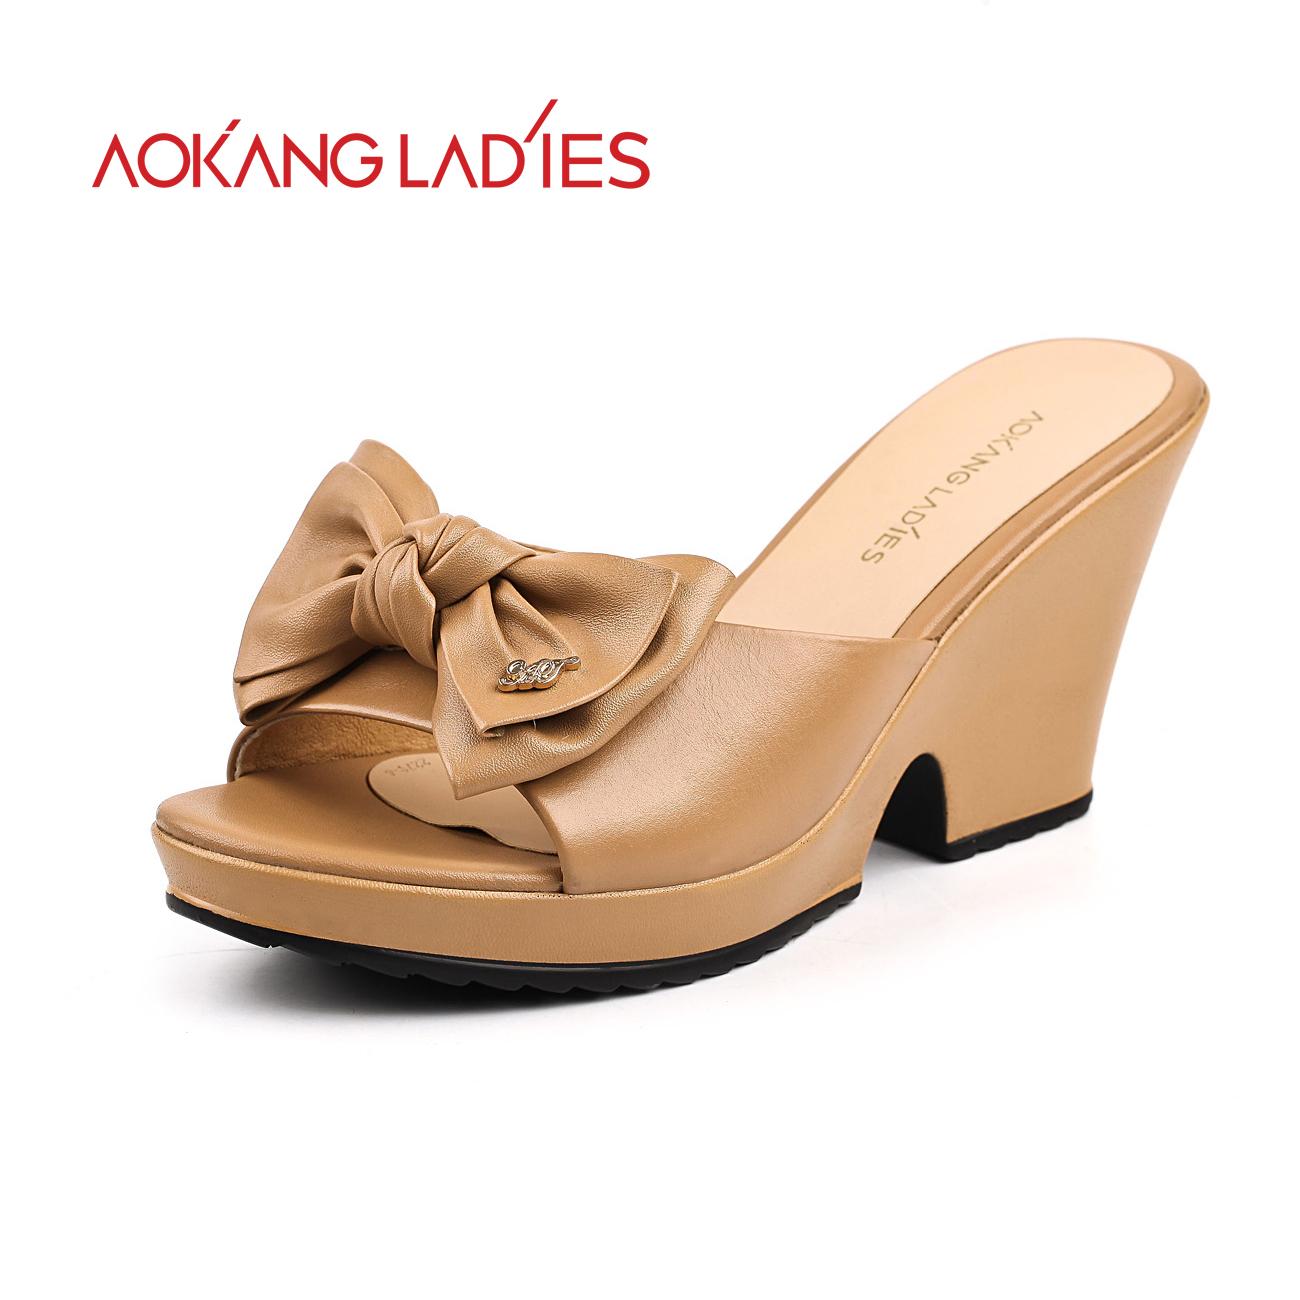 奥康女鞋 新款坡跟女凉拖鞋 真皮浪漫鱼嘴蝴蝶结女拖鞋027